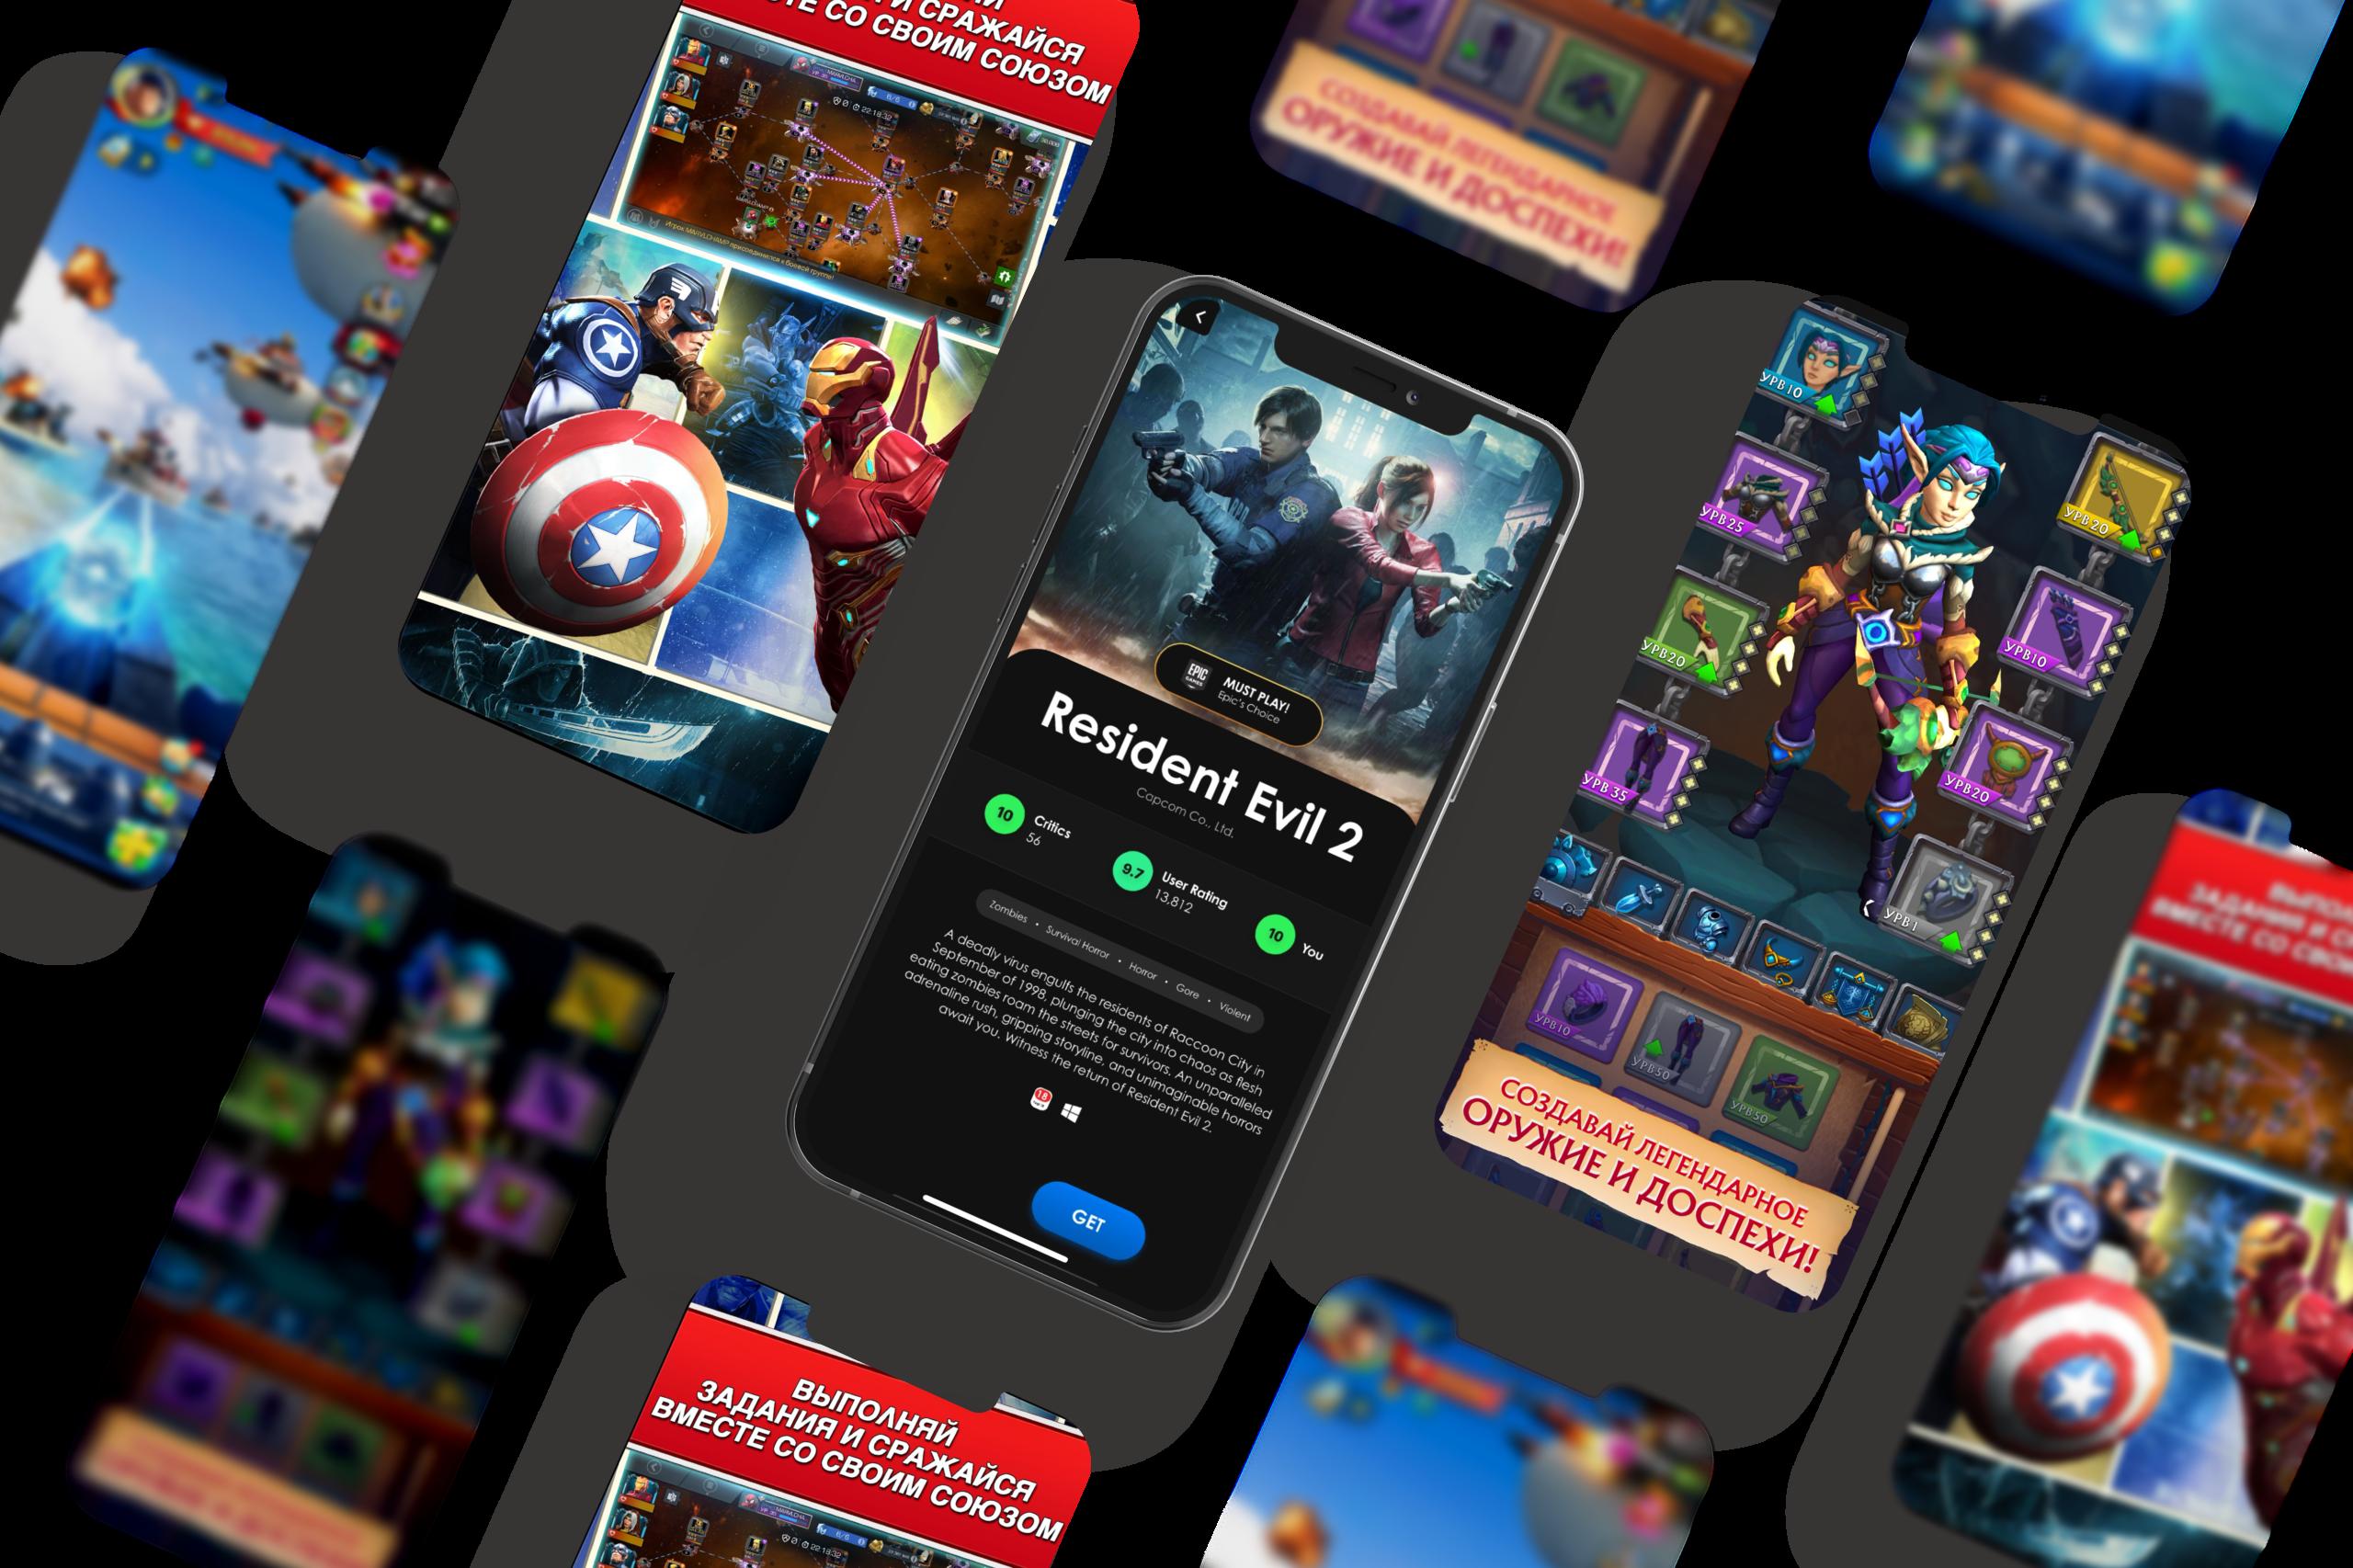 Интернет-магазин игр и цифровых товаров